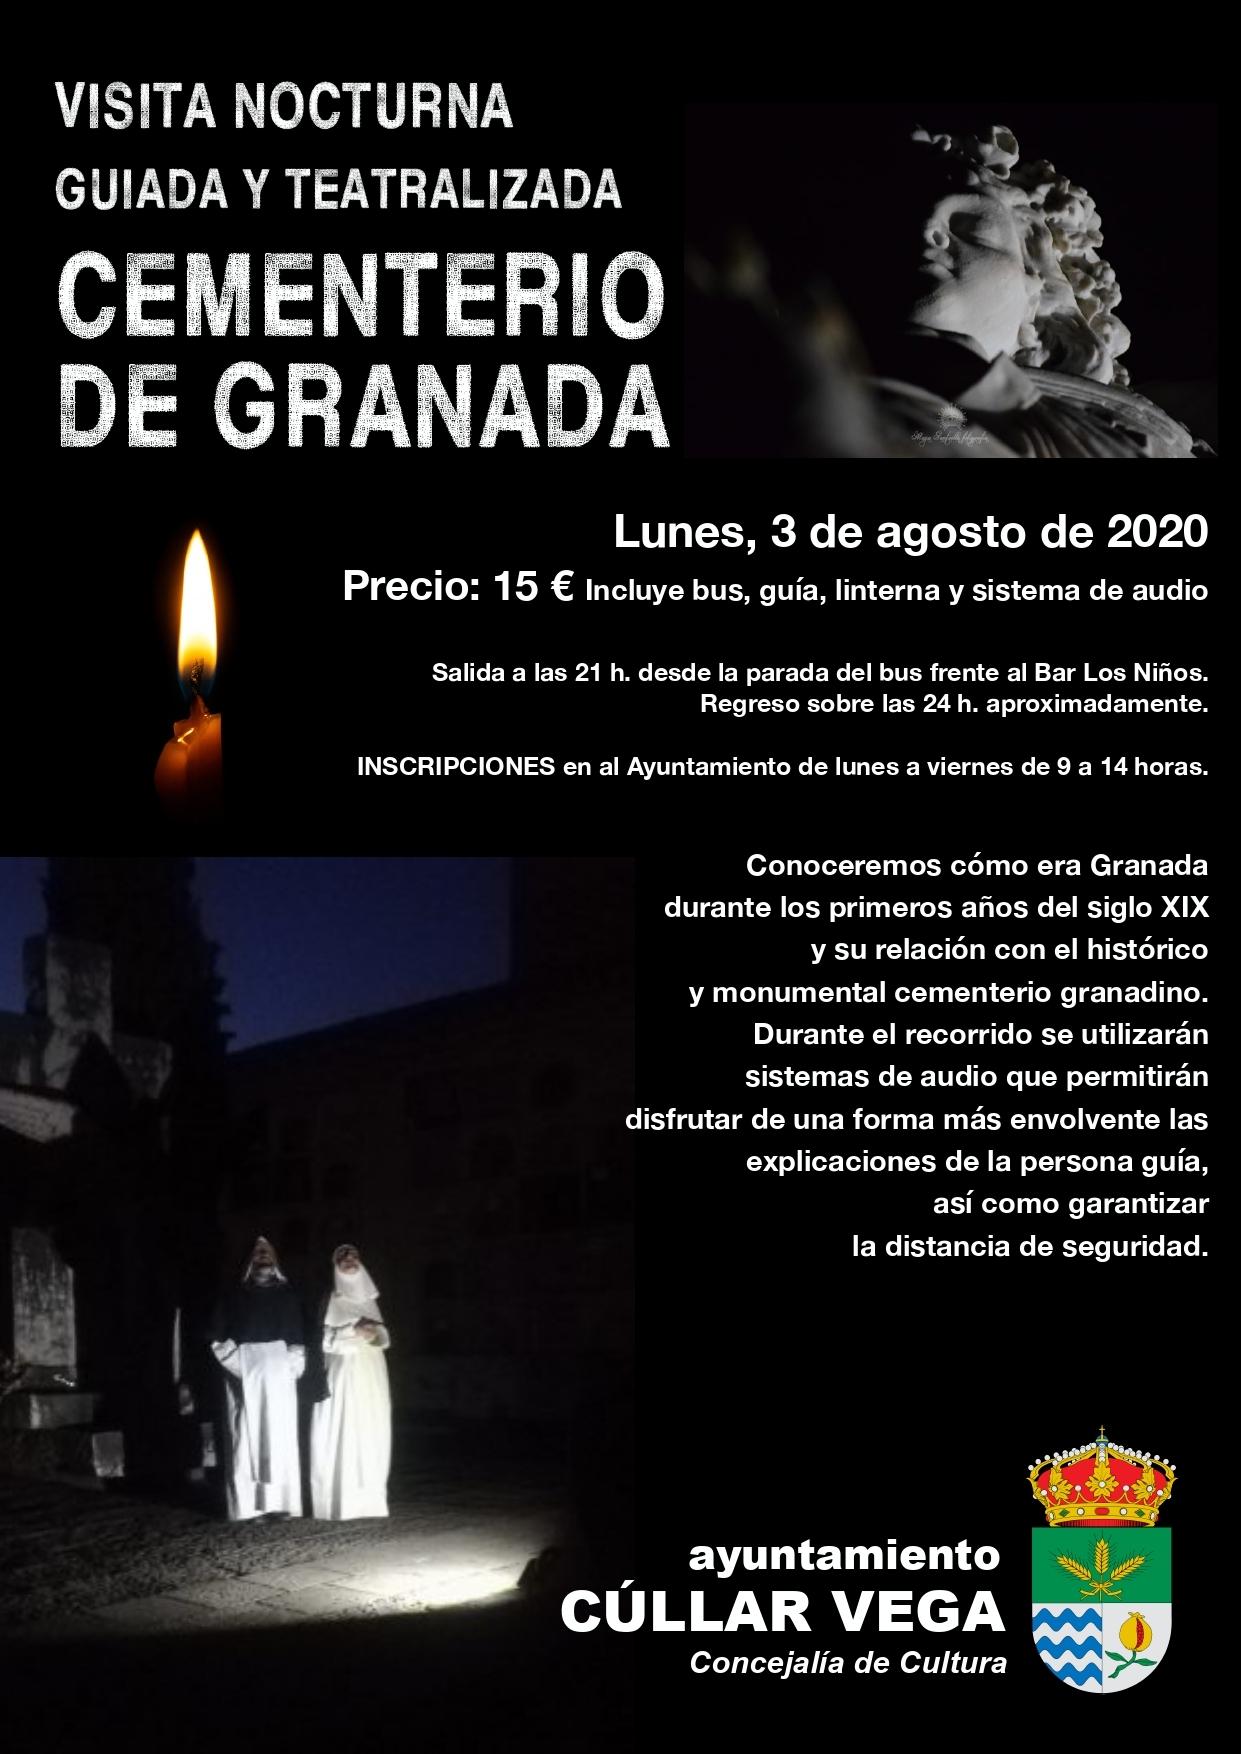 Visita nocturna, guiada y teatralizada al Cementerio de Granada